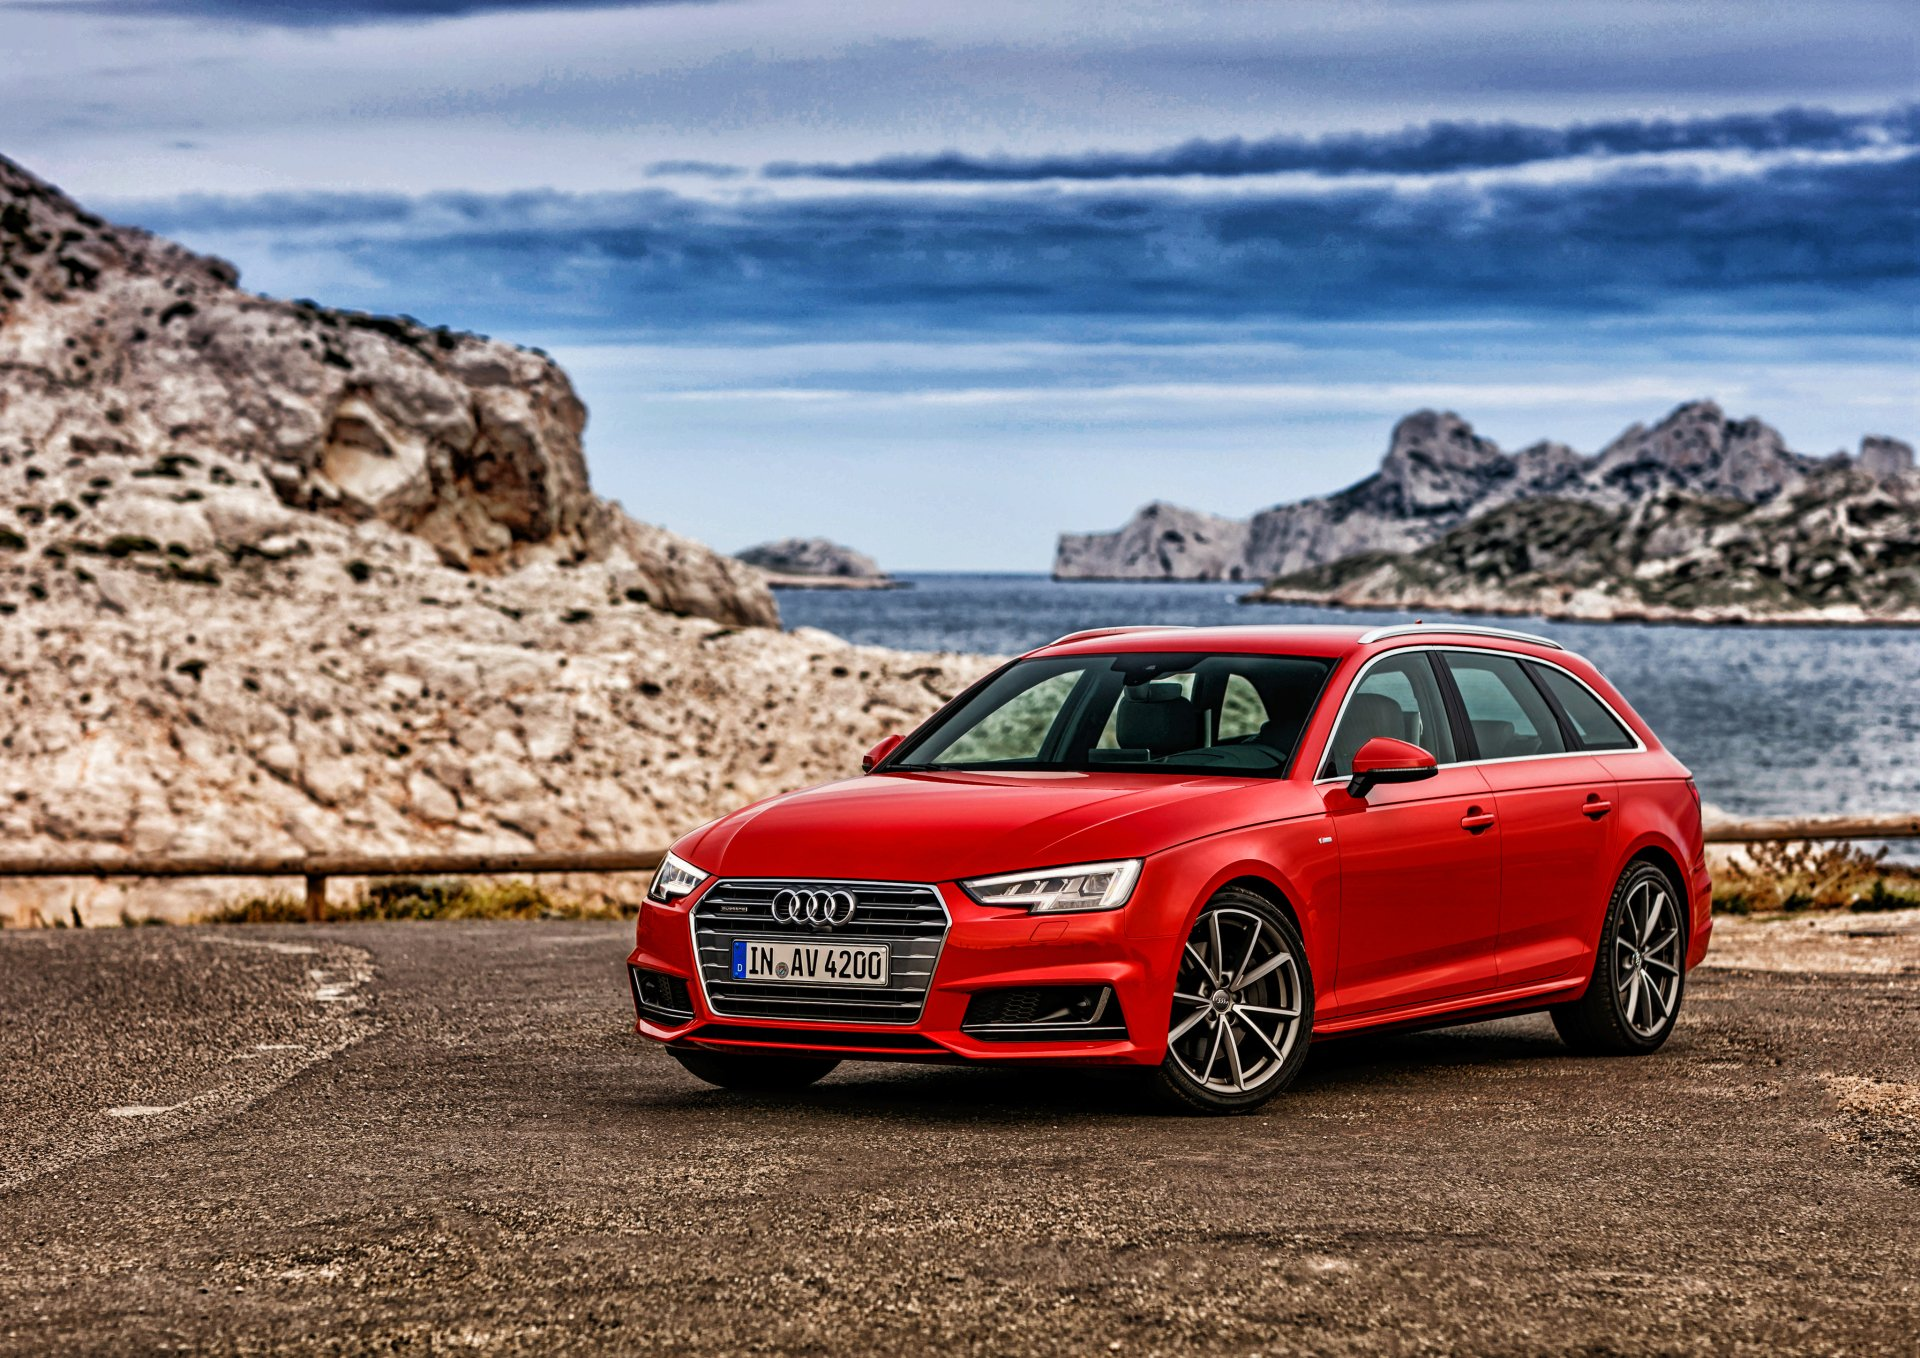 座驾 - Audi A4  奧迪 Red Car 汽车 交通工具 Luxury Car 壁纸